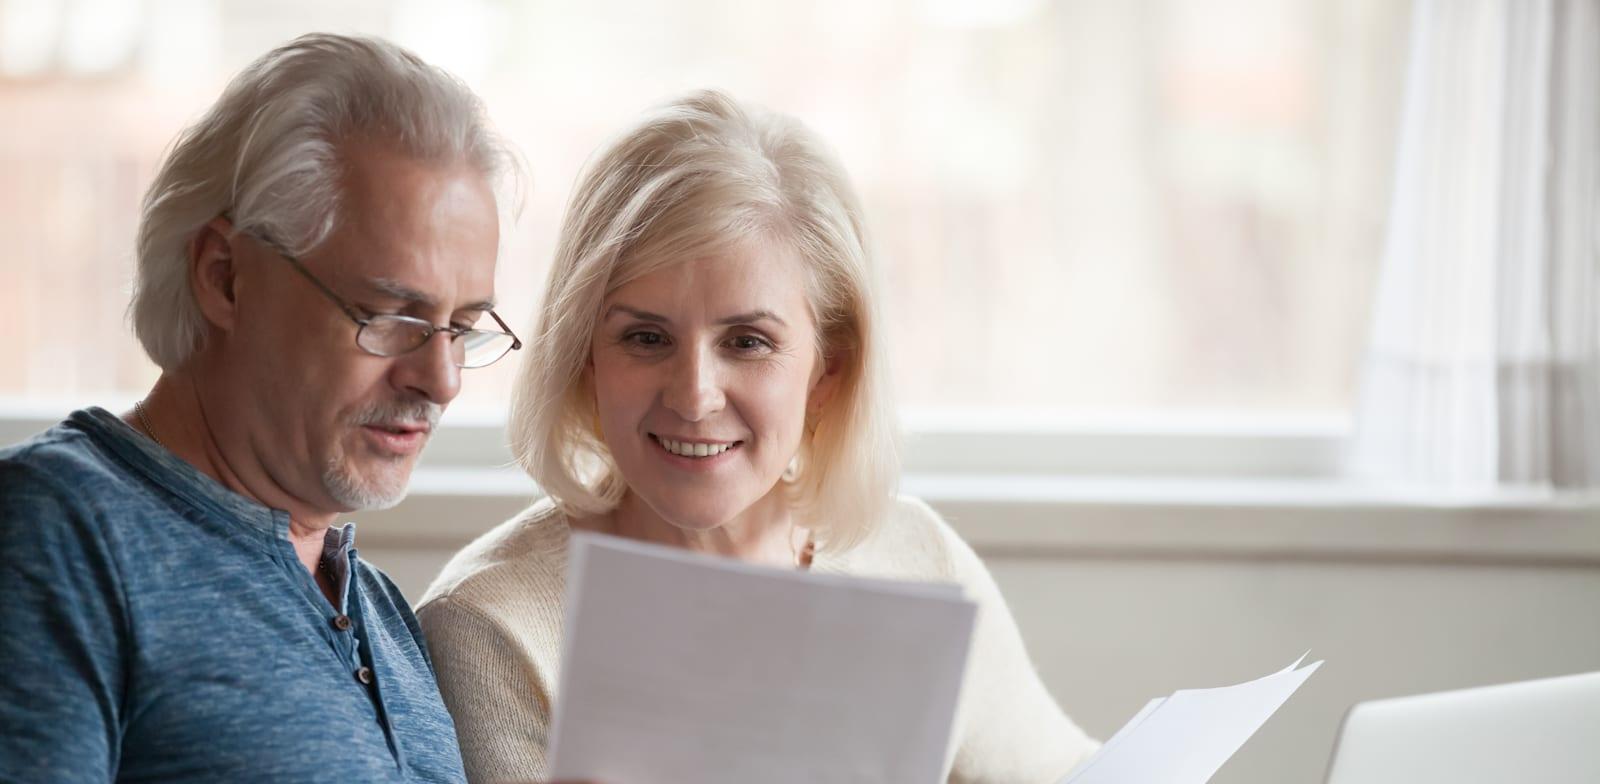 משכנתא הפוכה זהו פתרון פיננסי שיכול לסייע לרבים מבני הגיל השלישי / צילום: Shutterstock